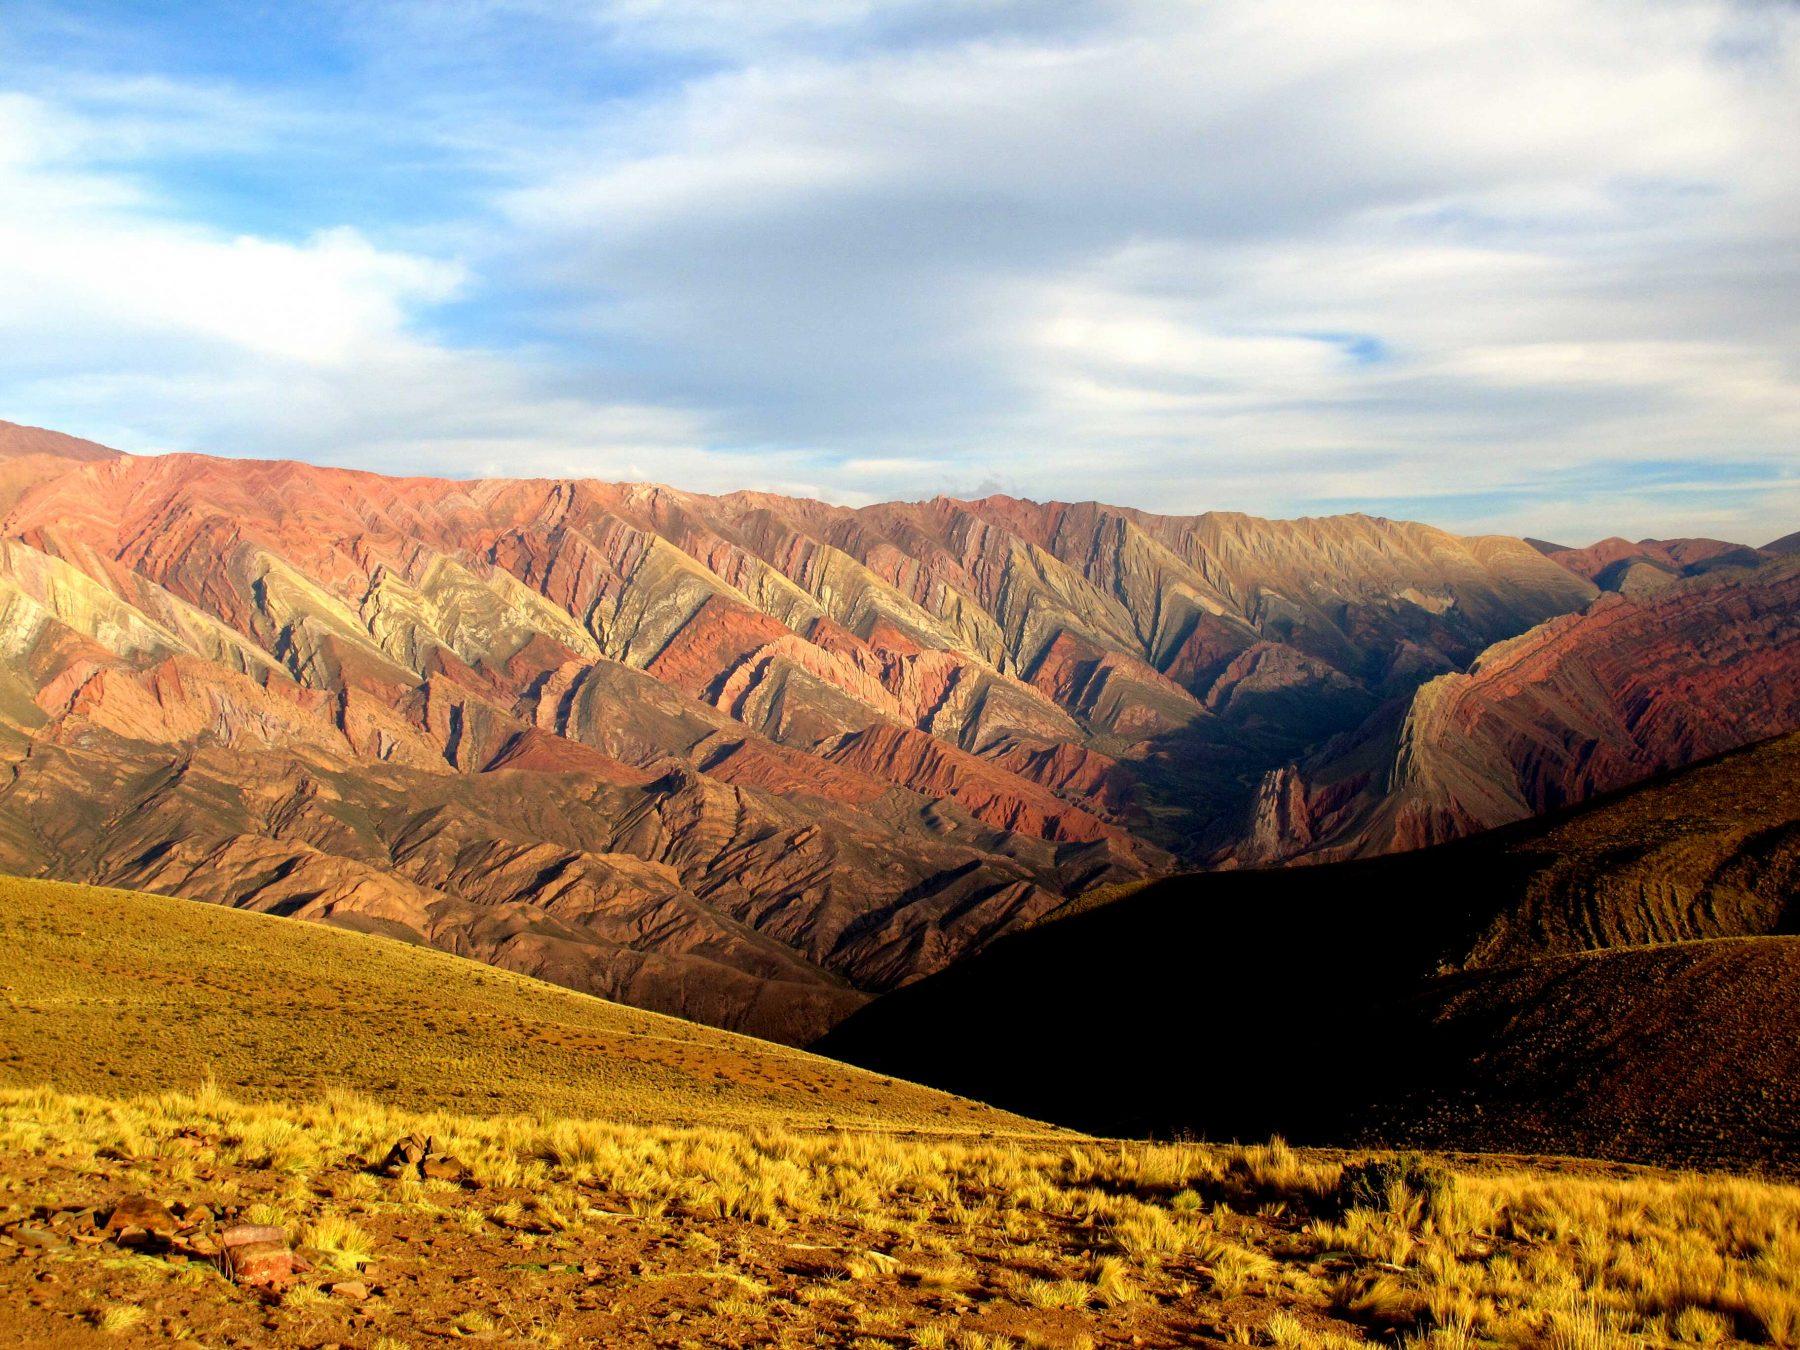 L'Hornocal de Humahuaca, nord de l'Argentine